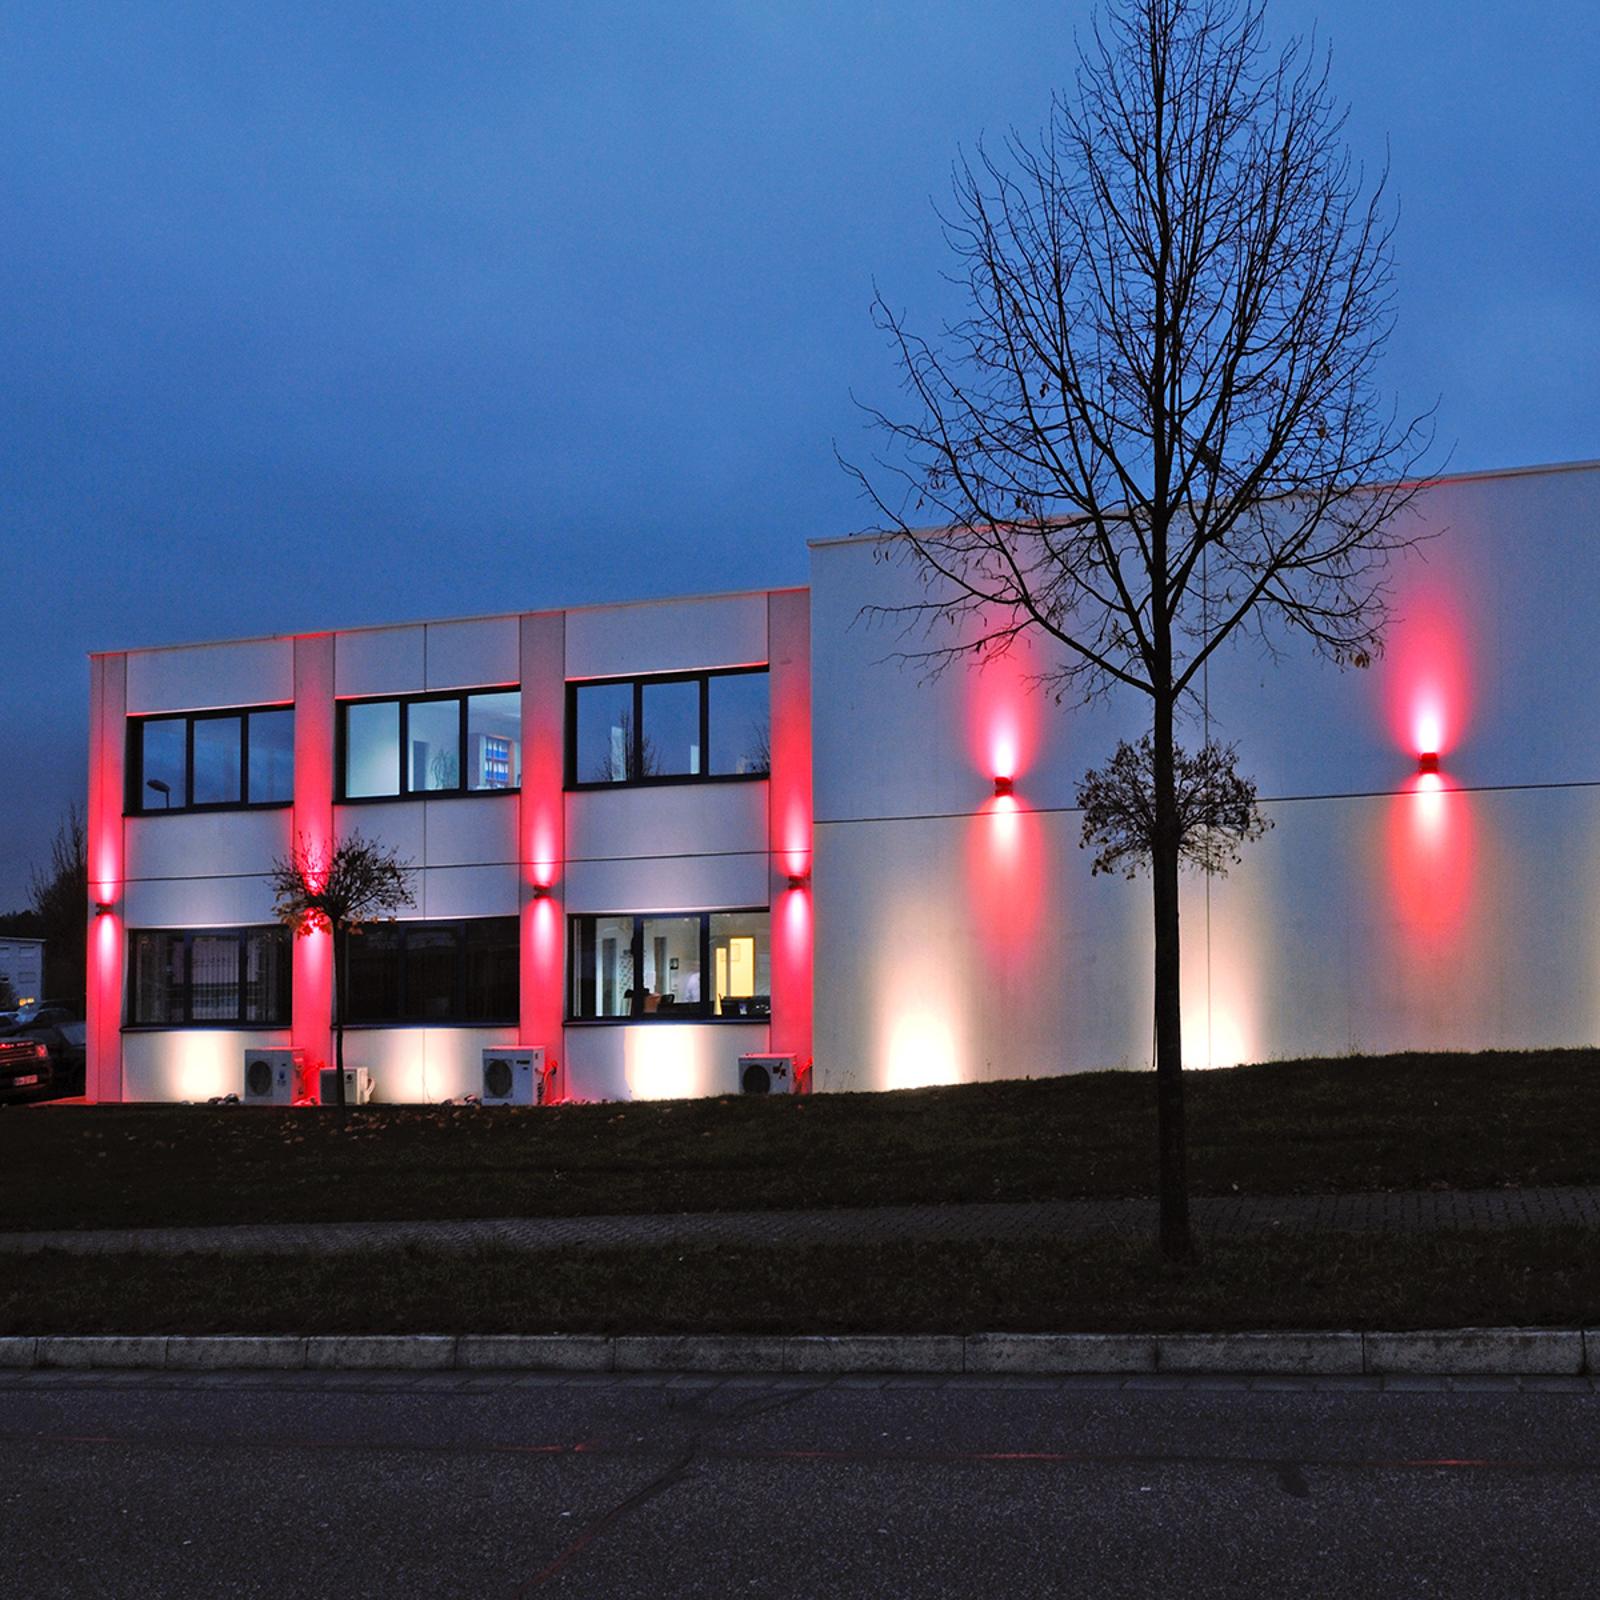 LED-lattiauppovalaisin Line, pituus 32,8 cm